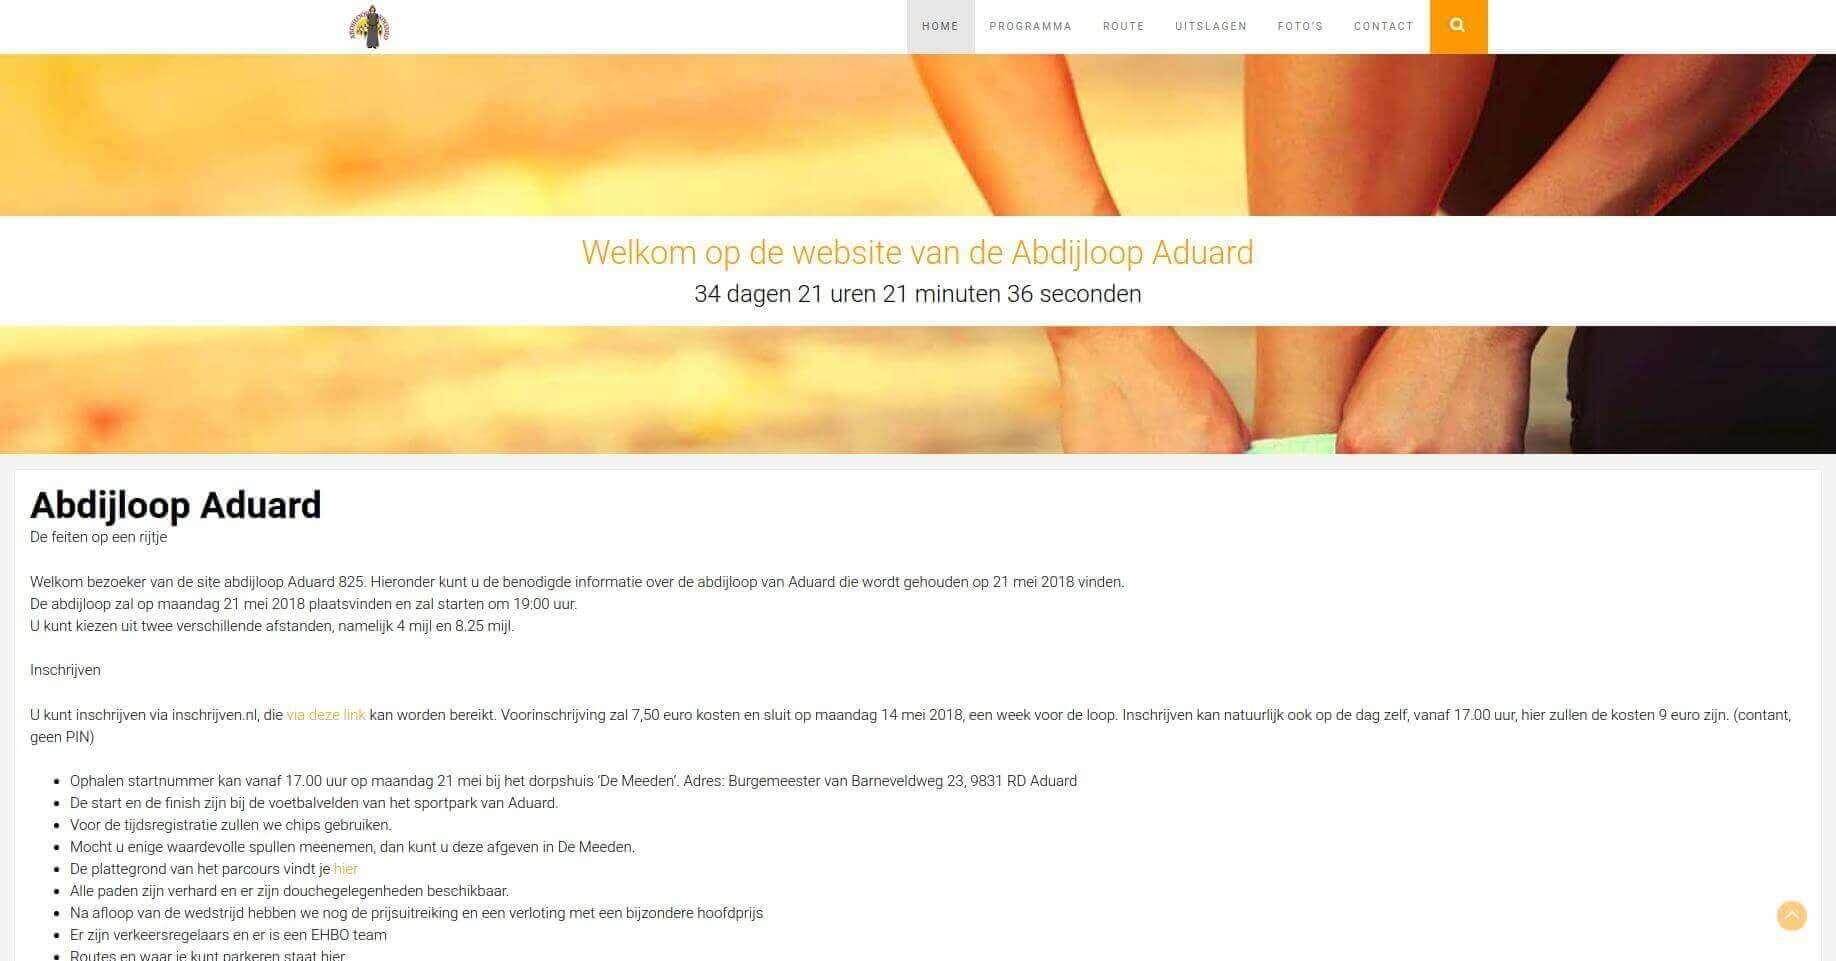 Abdijloop Aduard screenshot